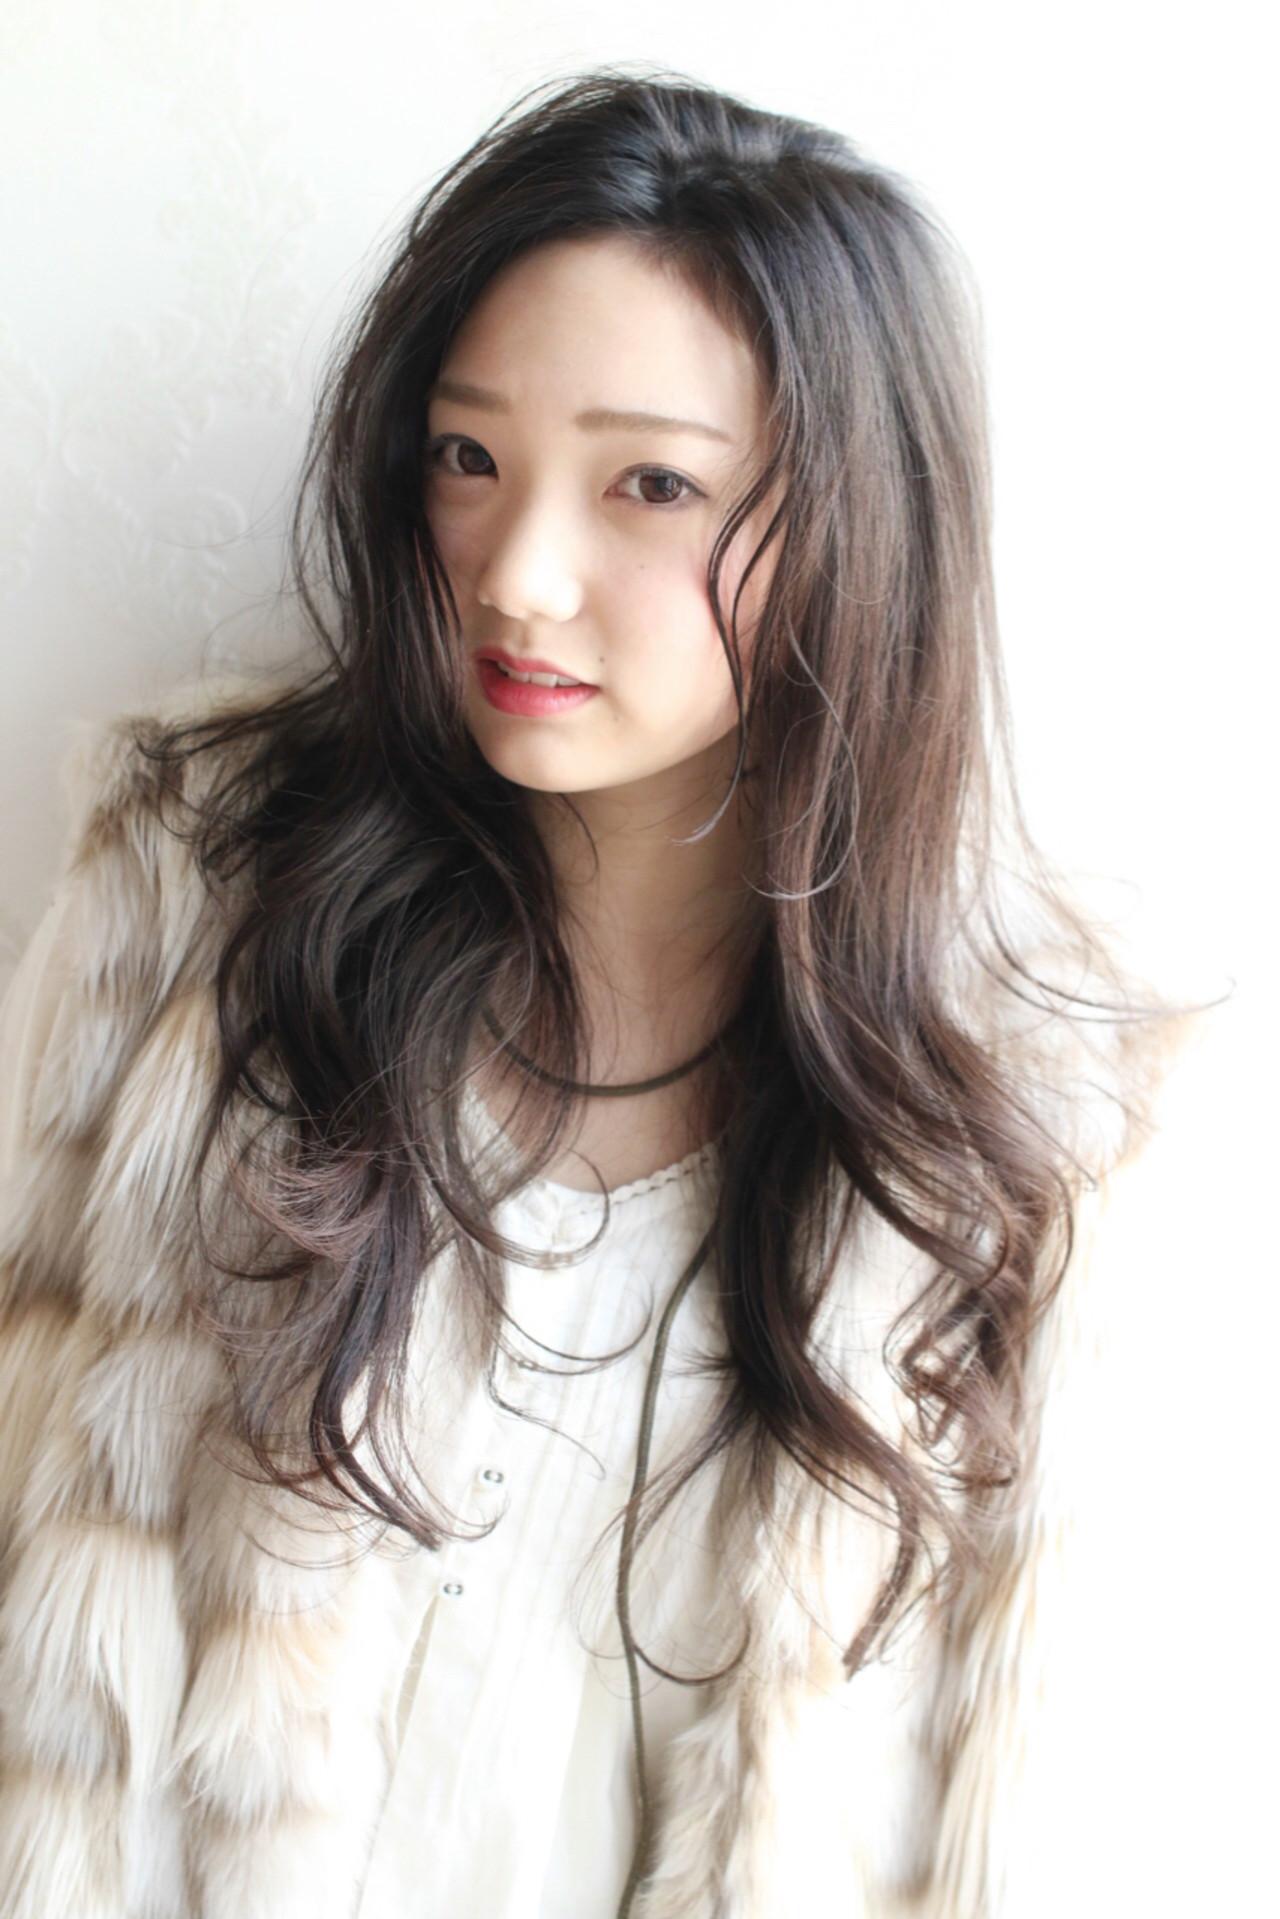 暗髪 こなれ感 大人女子 パーマ ヘアスタイルや髪型の写真・画像